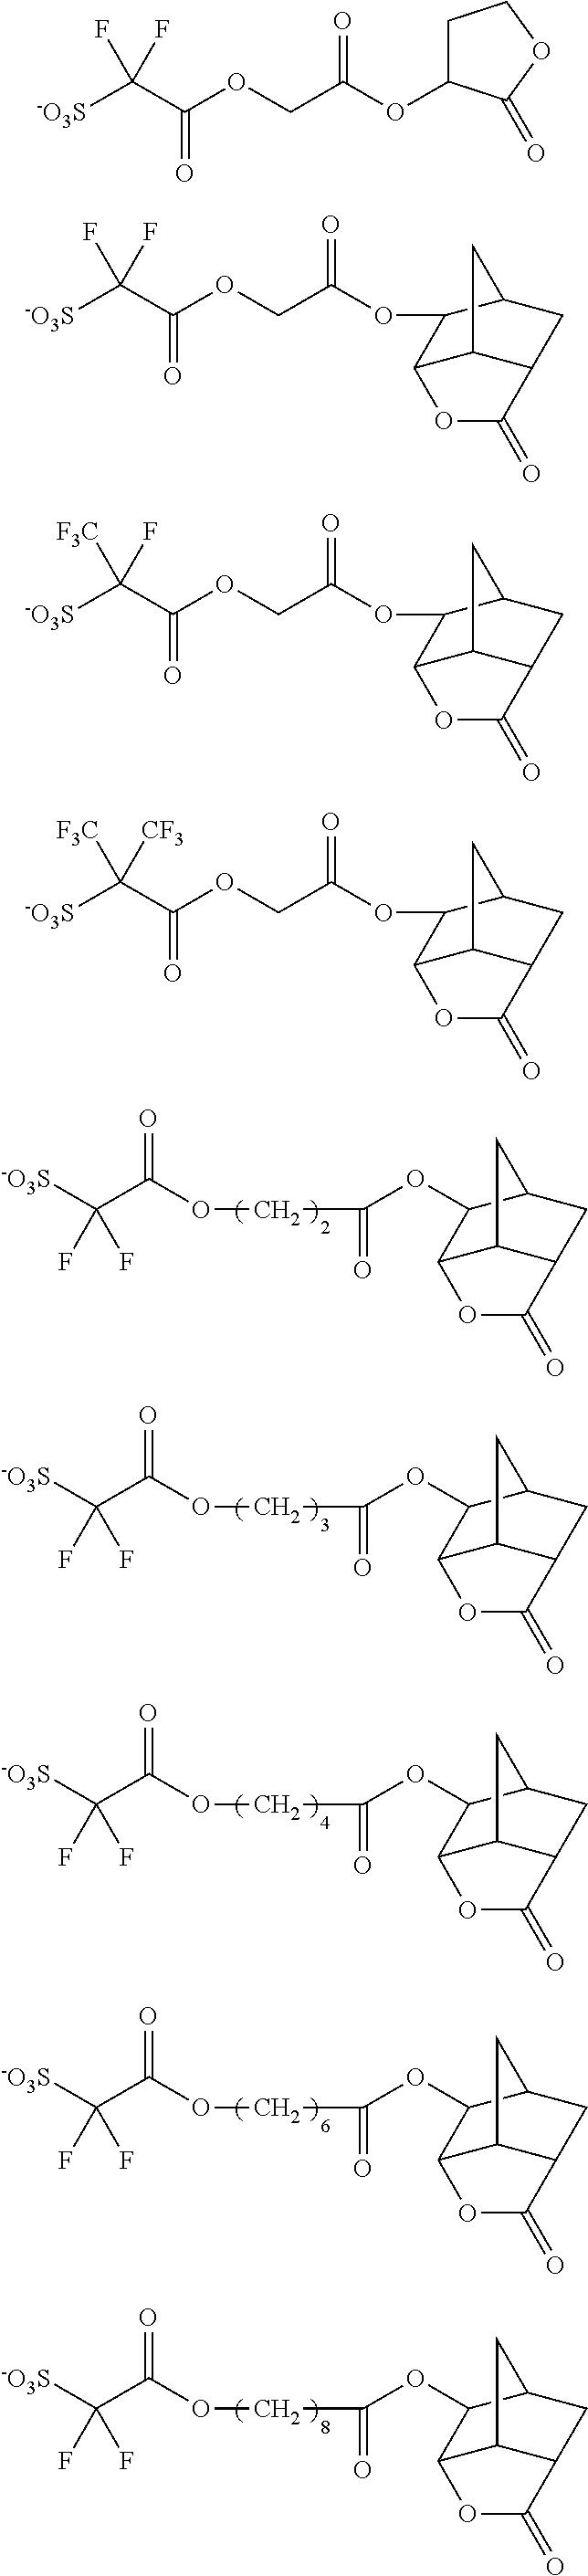 Figure US20100323296A1-20101223-C00116